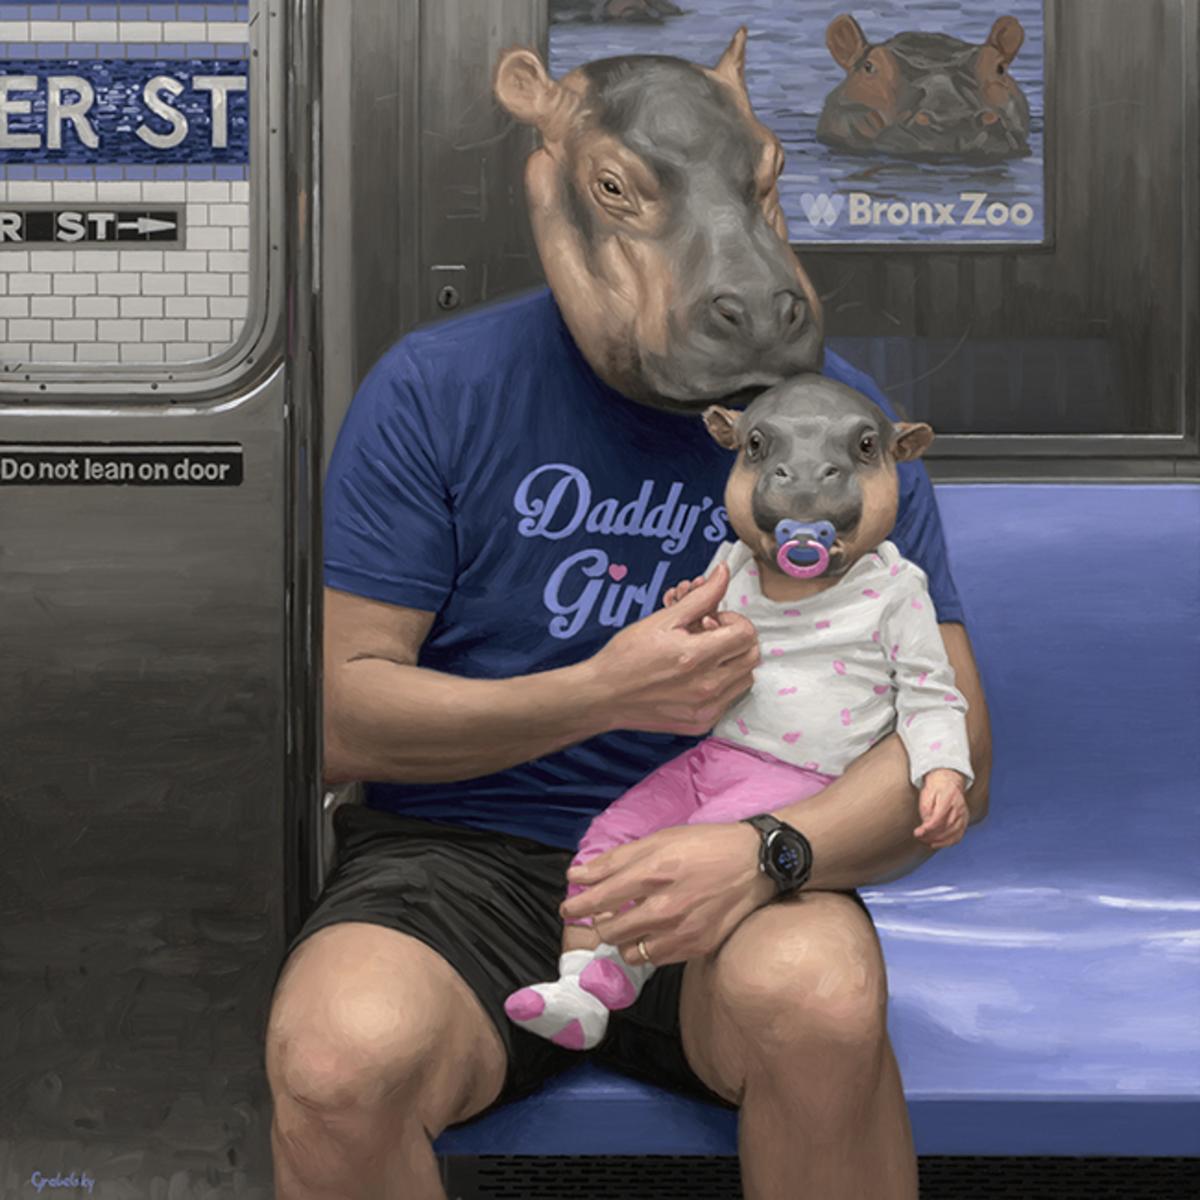 Metrodaki Hipopatam